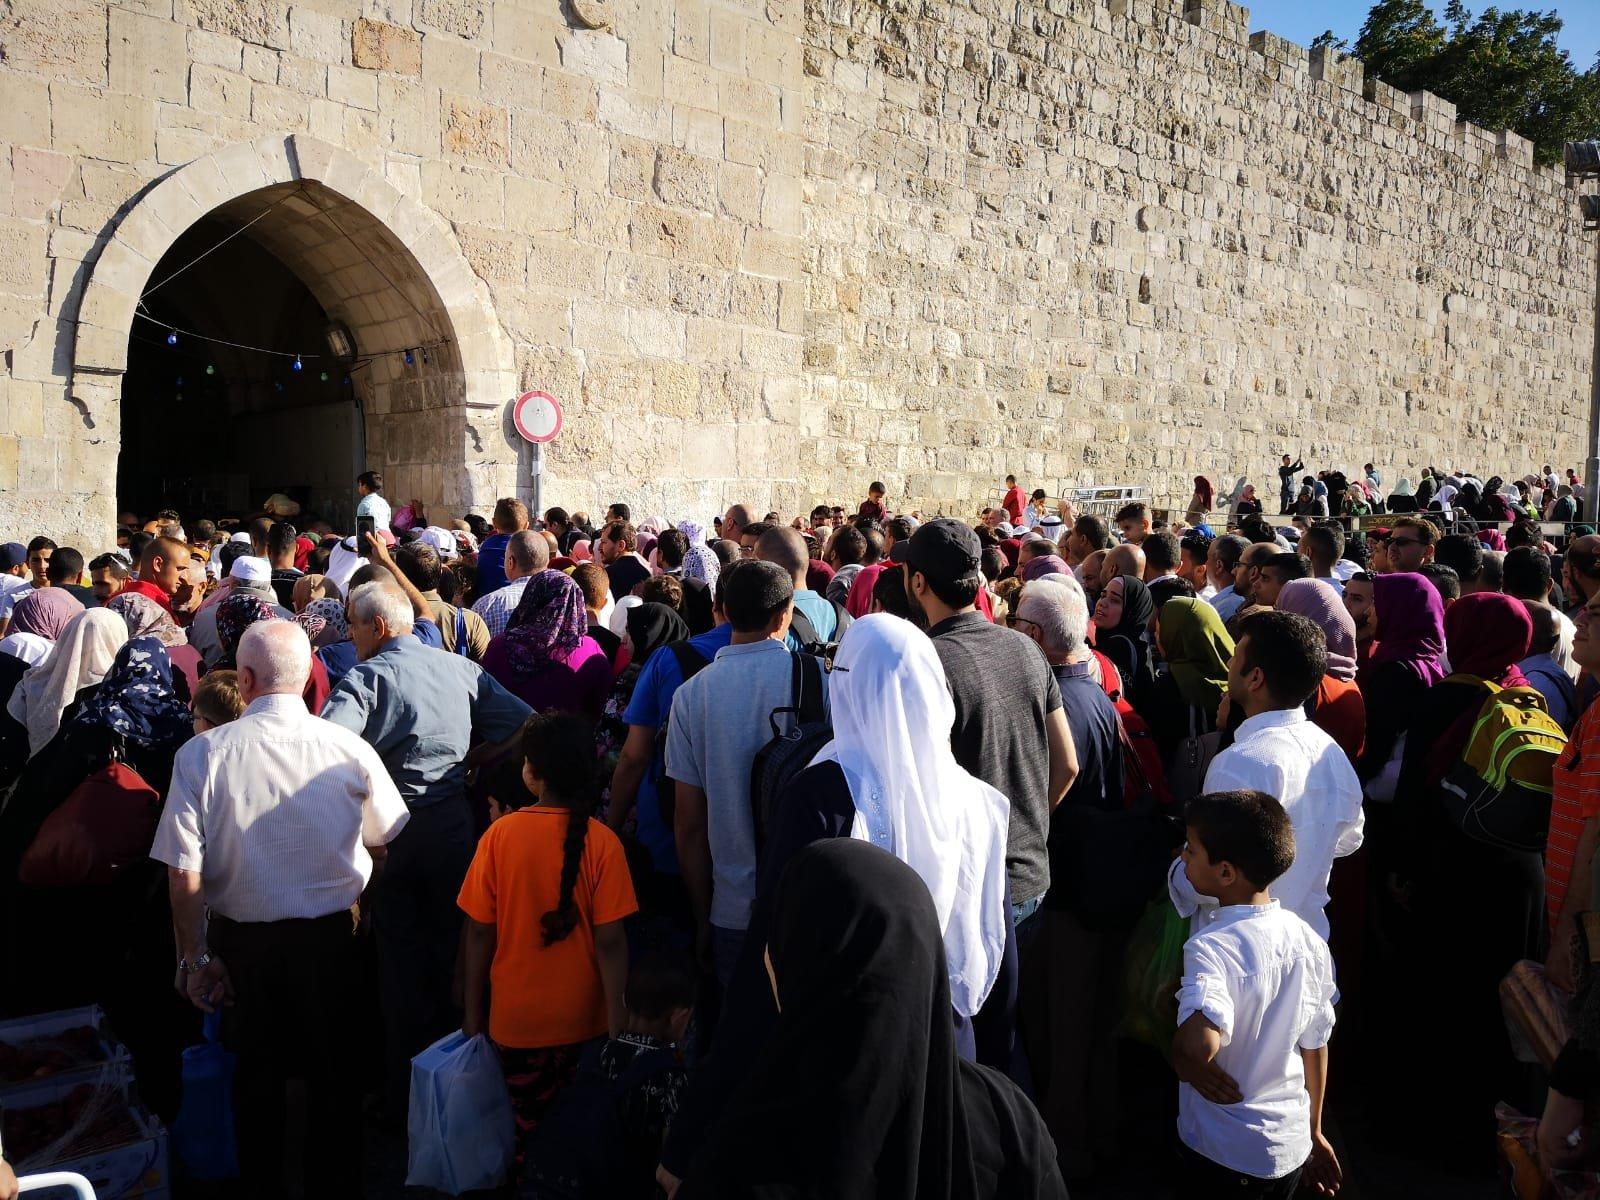 عشرات الآلاف يتوافدون إلى المسجد الأقصى لإحياء ليلة القدر